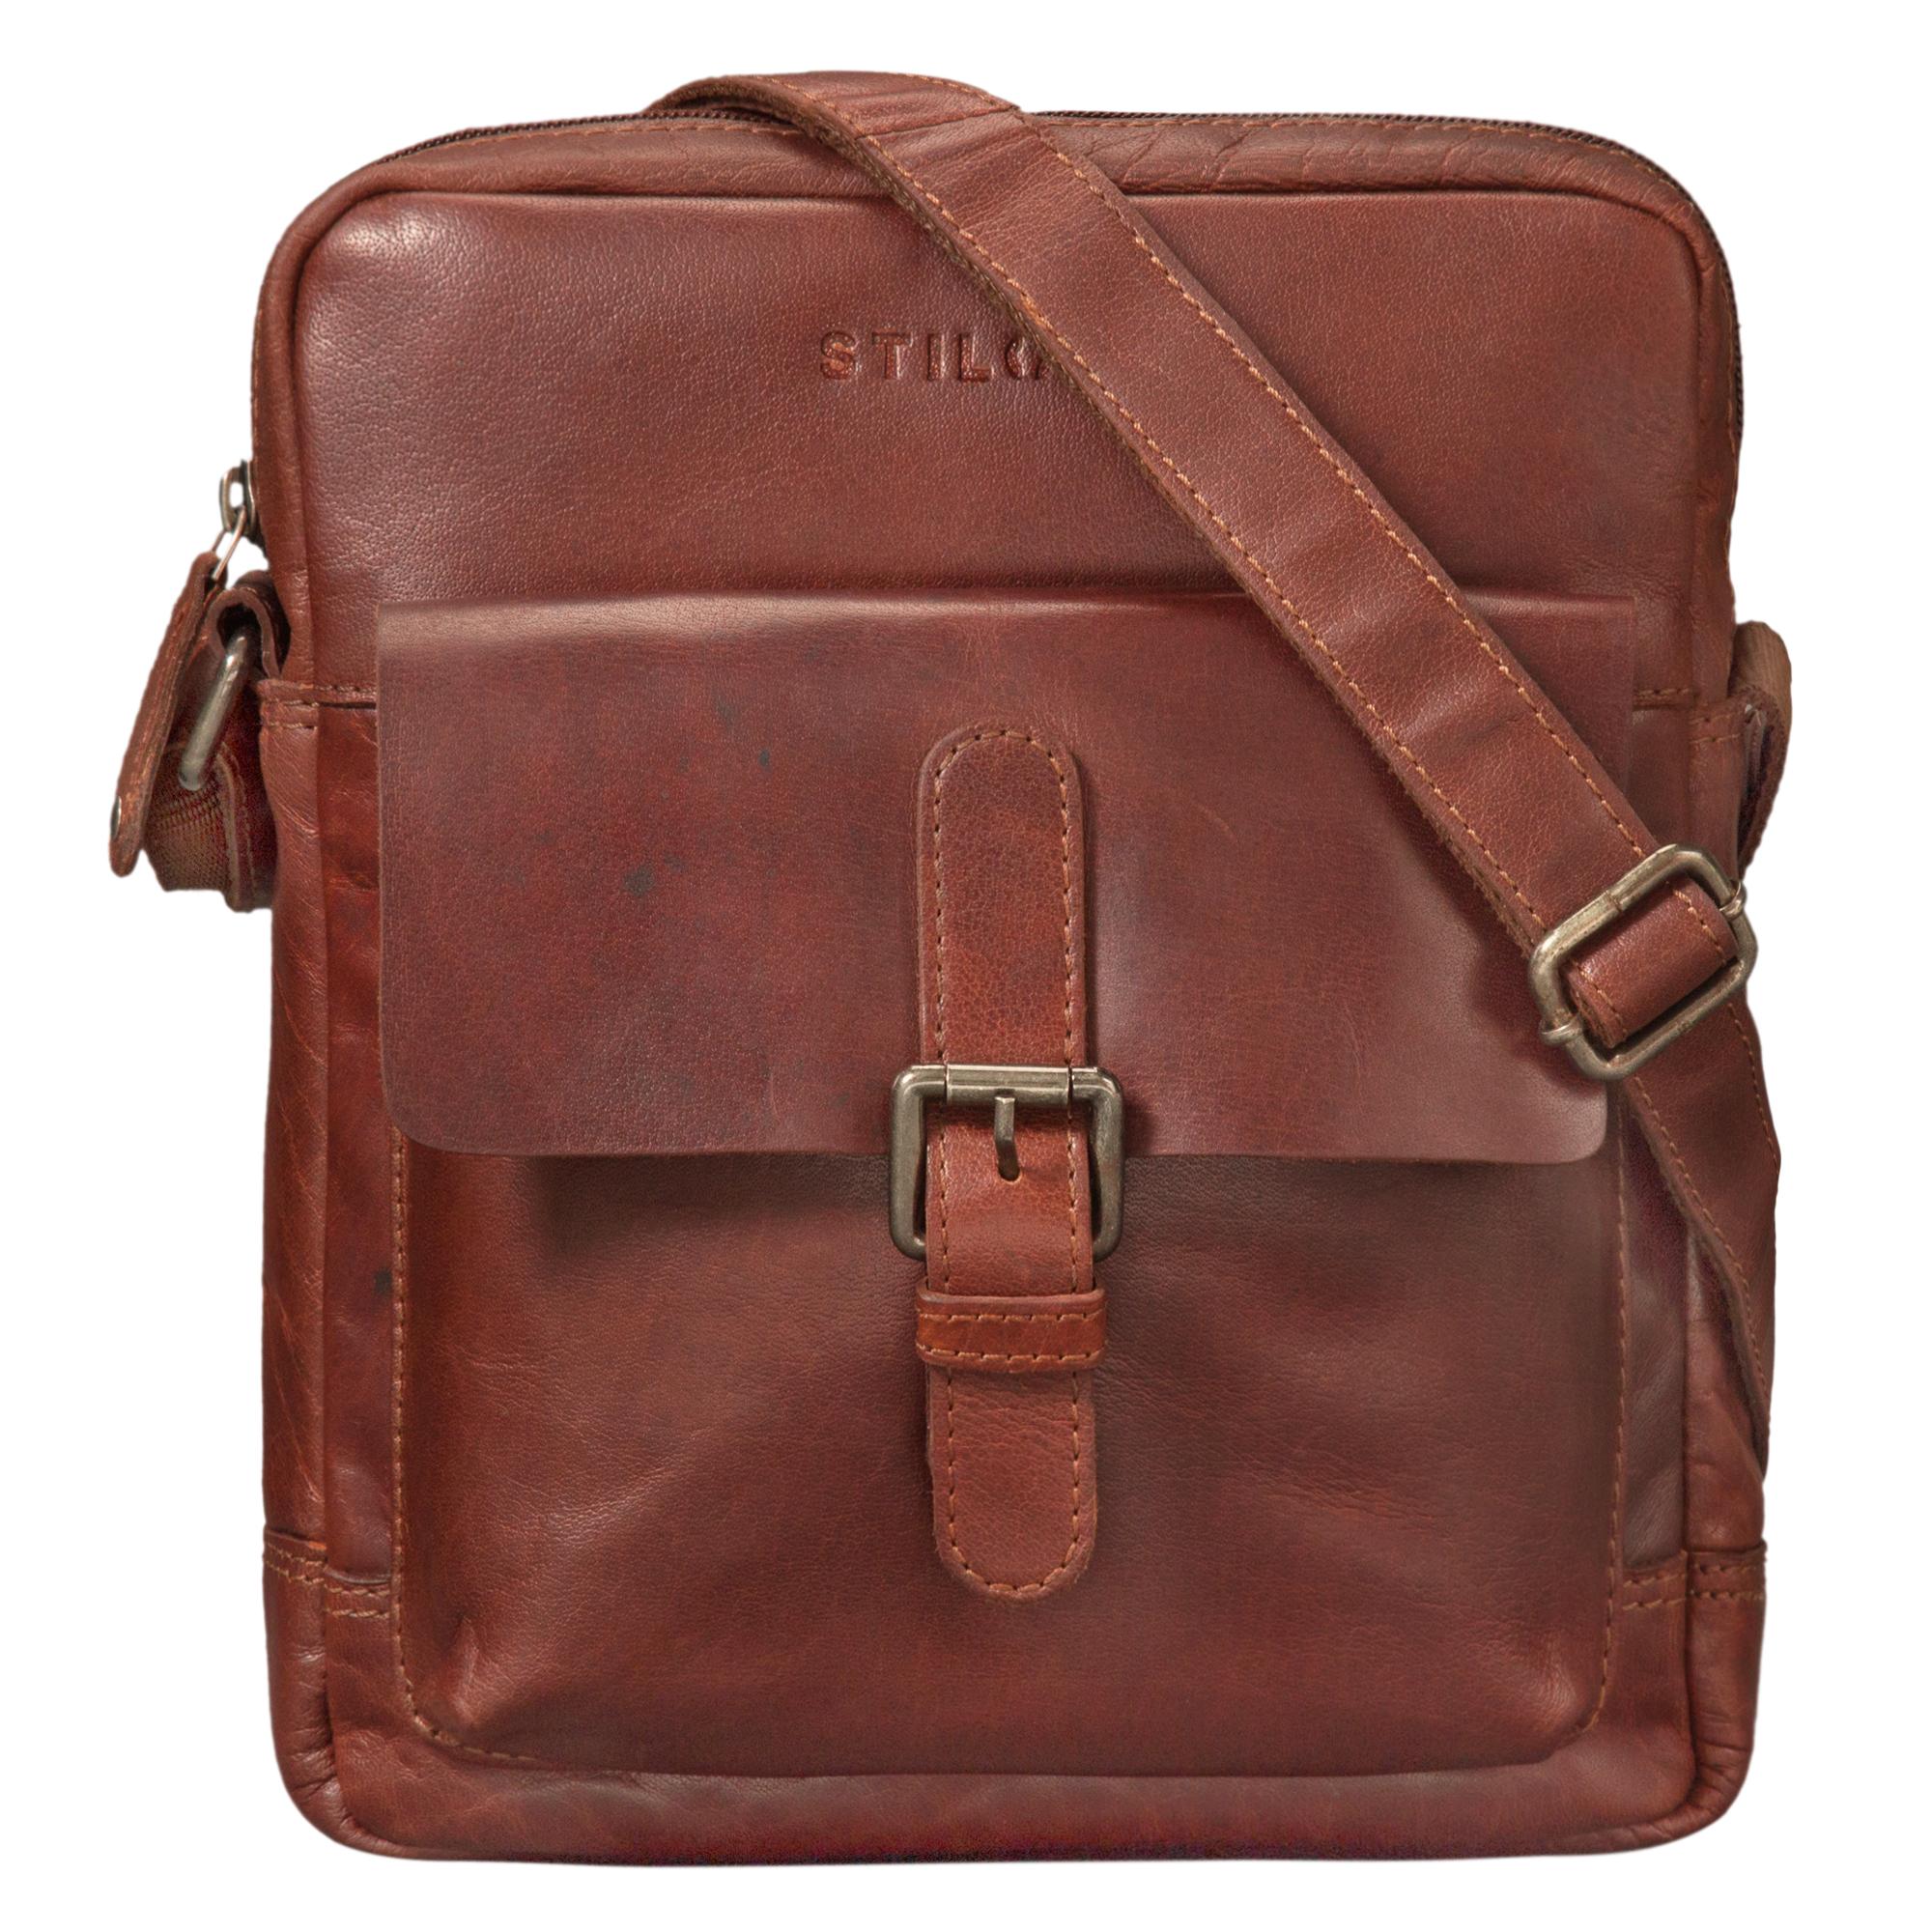 """STILORD """"Luan"""" Kleine Umhängetasche Leder Vintage für Männer und Frauen Messenger Bag mit 10.1 Zoll Tabletfach Cross Body Bag für DIN A5 aus echtem Leder - Bild 9"""